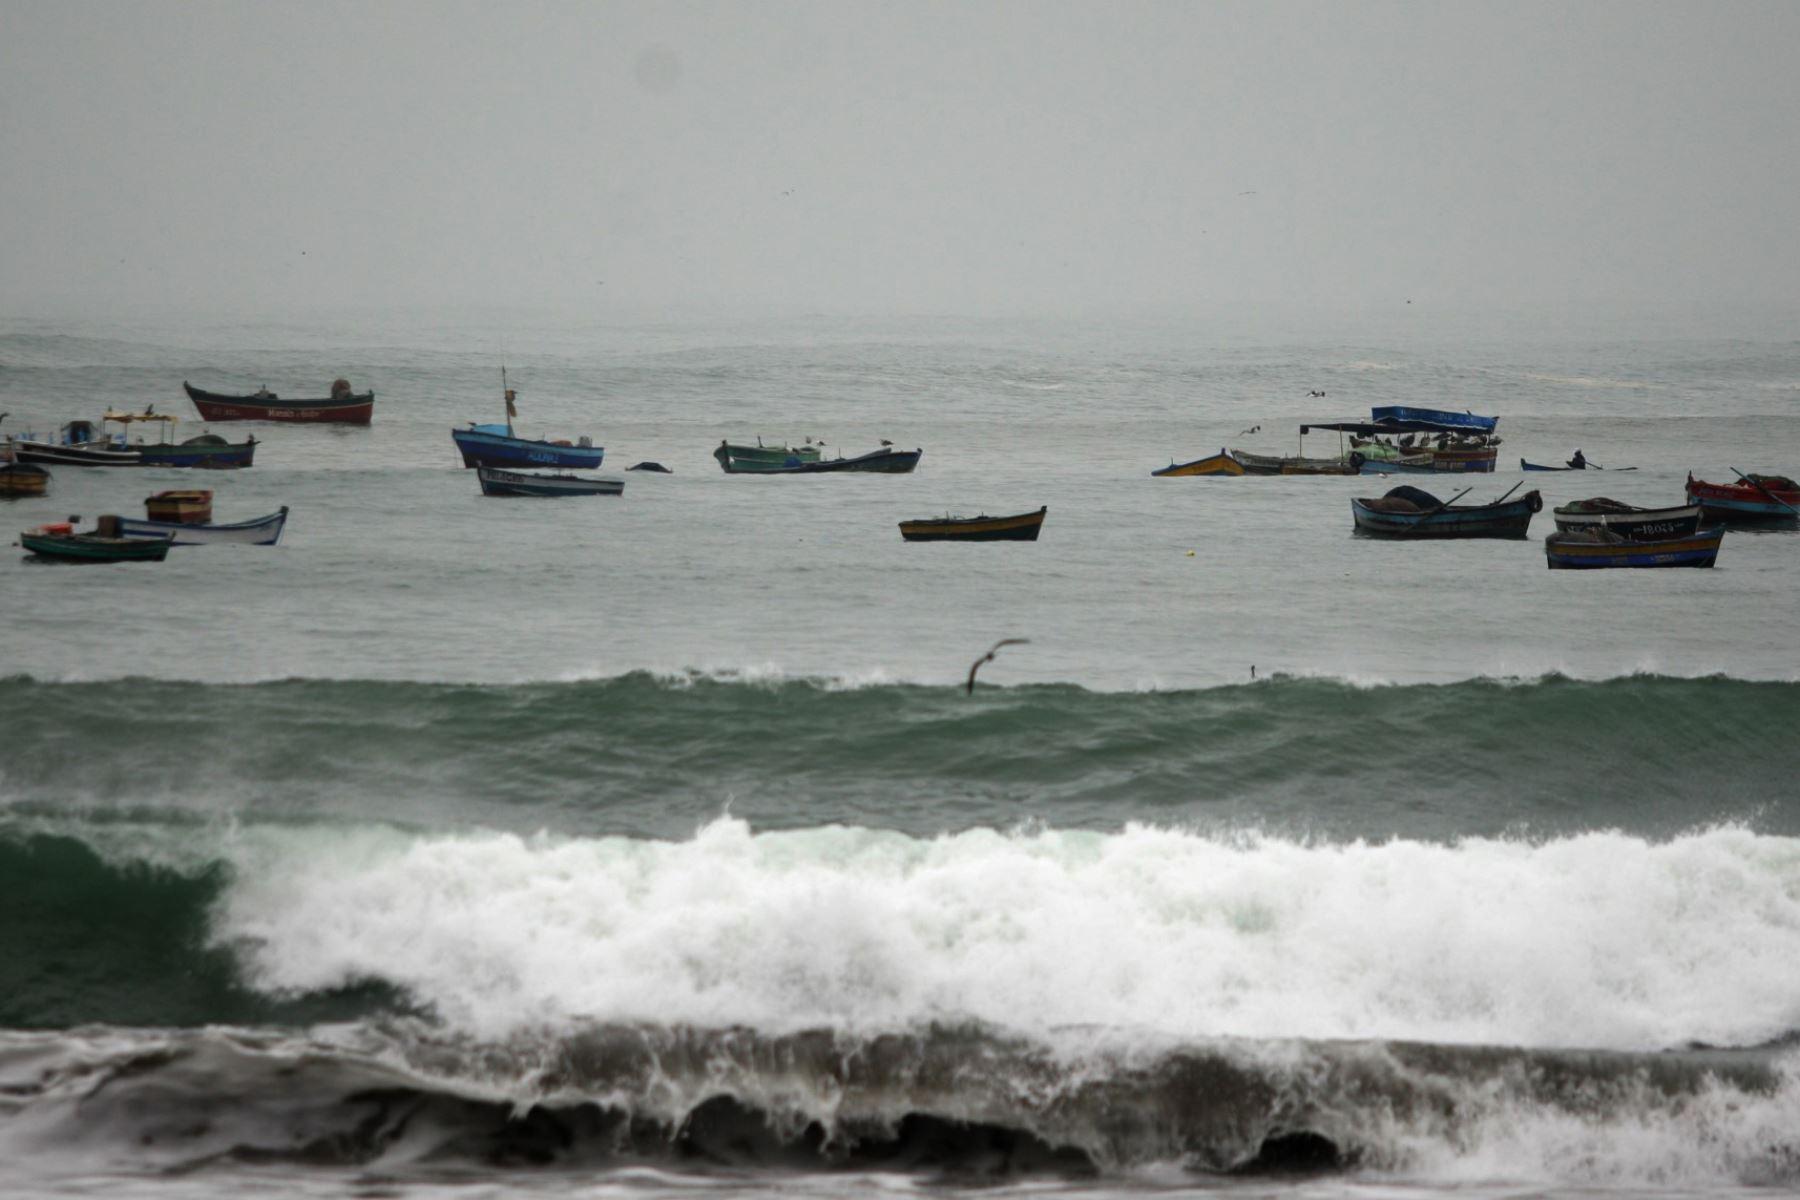 La Dirección de Hidrografía y Navegación canceló la alerta de tsunami en el litoral peruano, que se originó por el sismo de magnitud 8.1 registrado ayer en Oceanía. Foto: ANDINA/archivo.